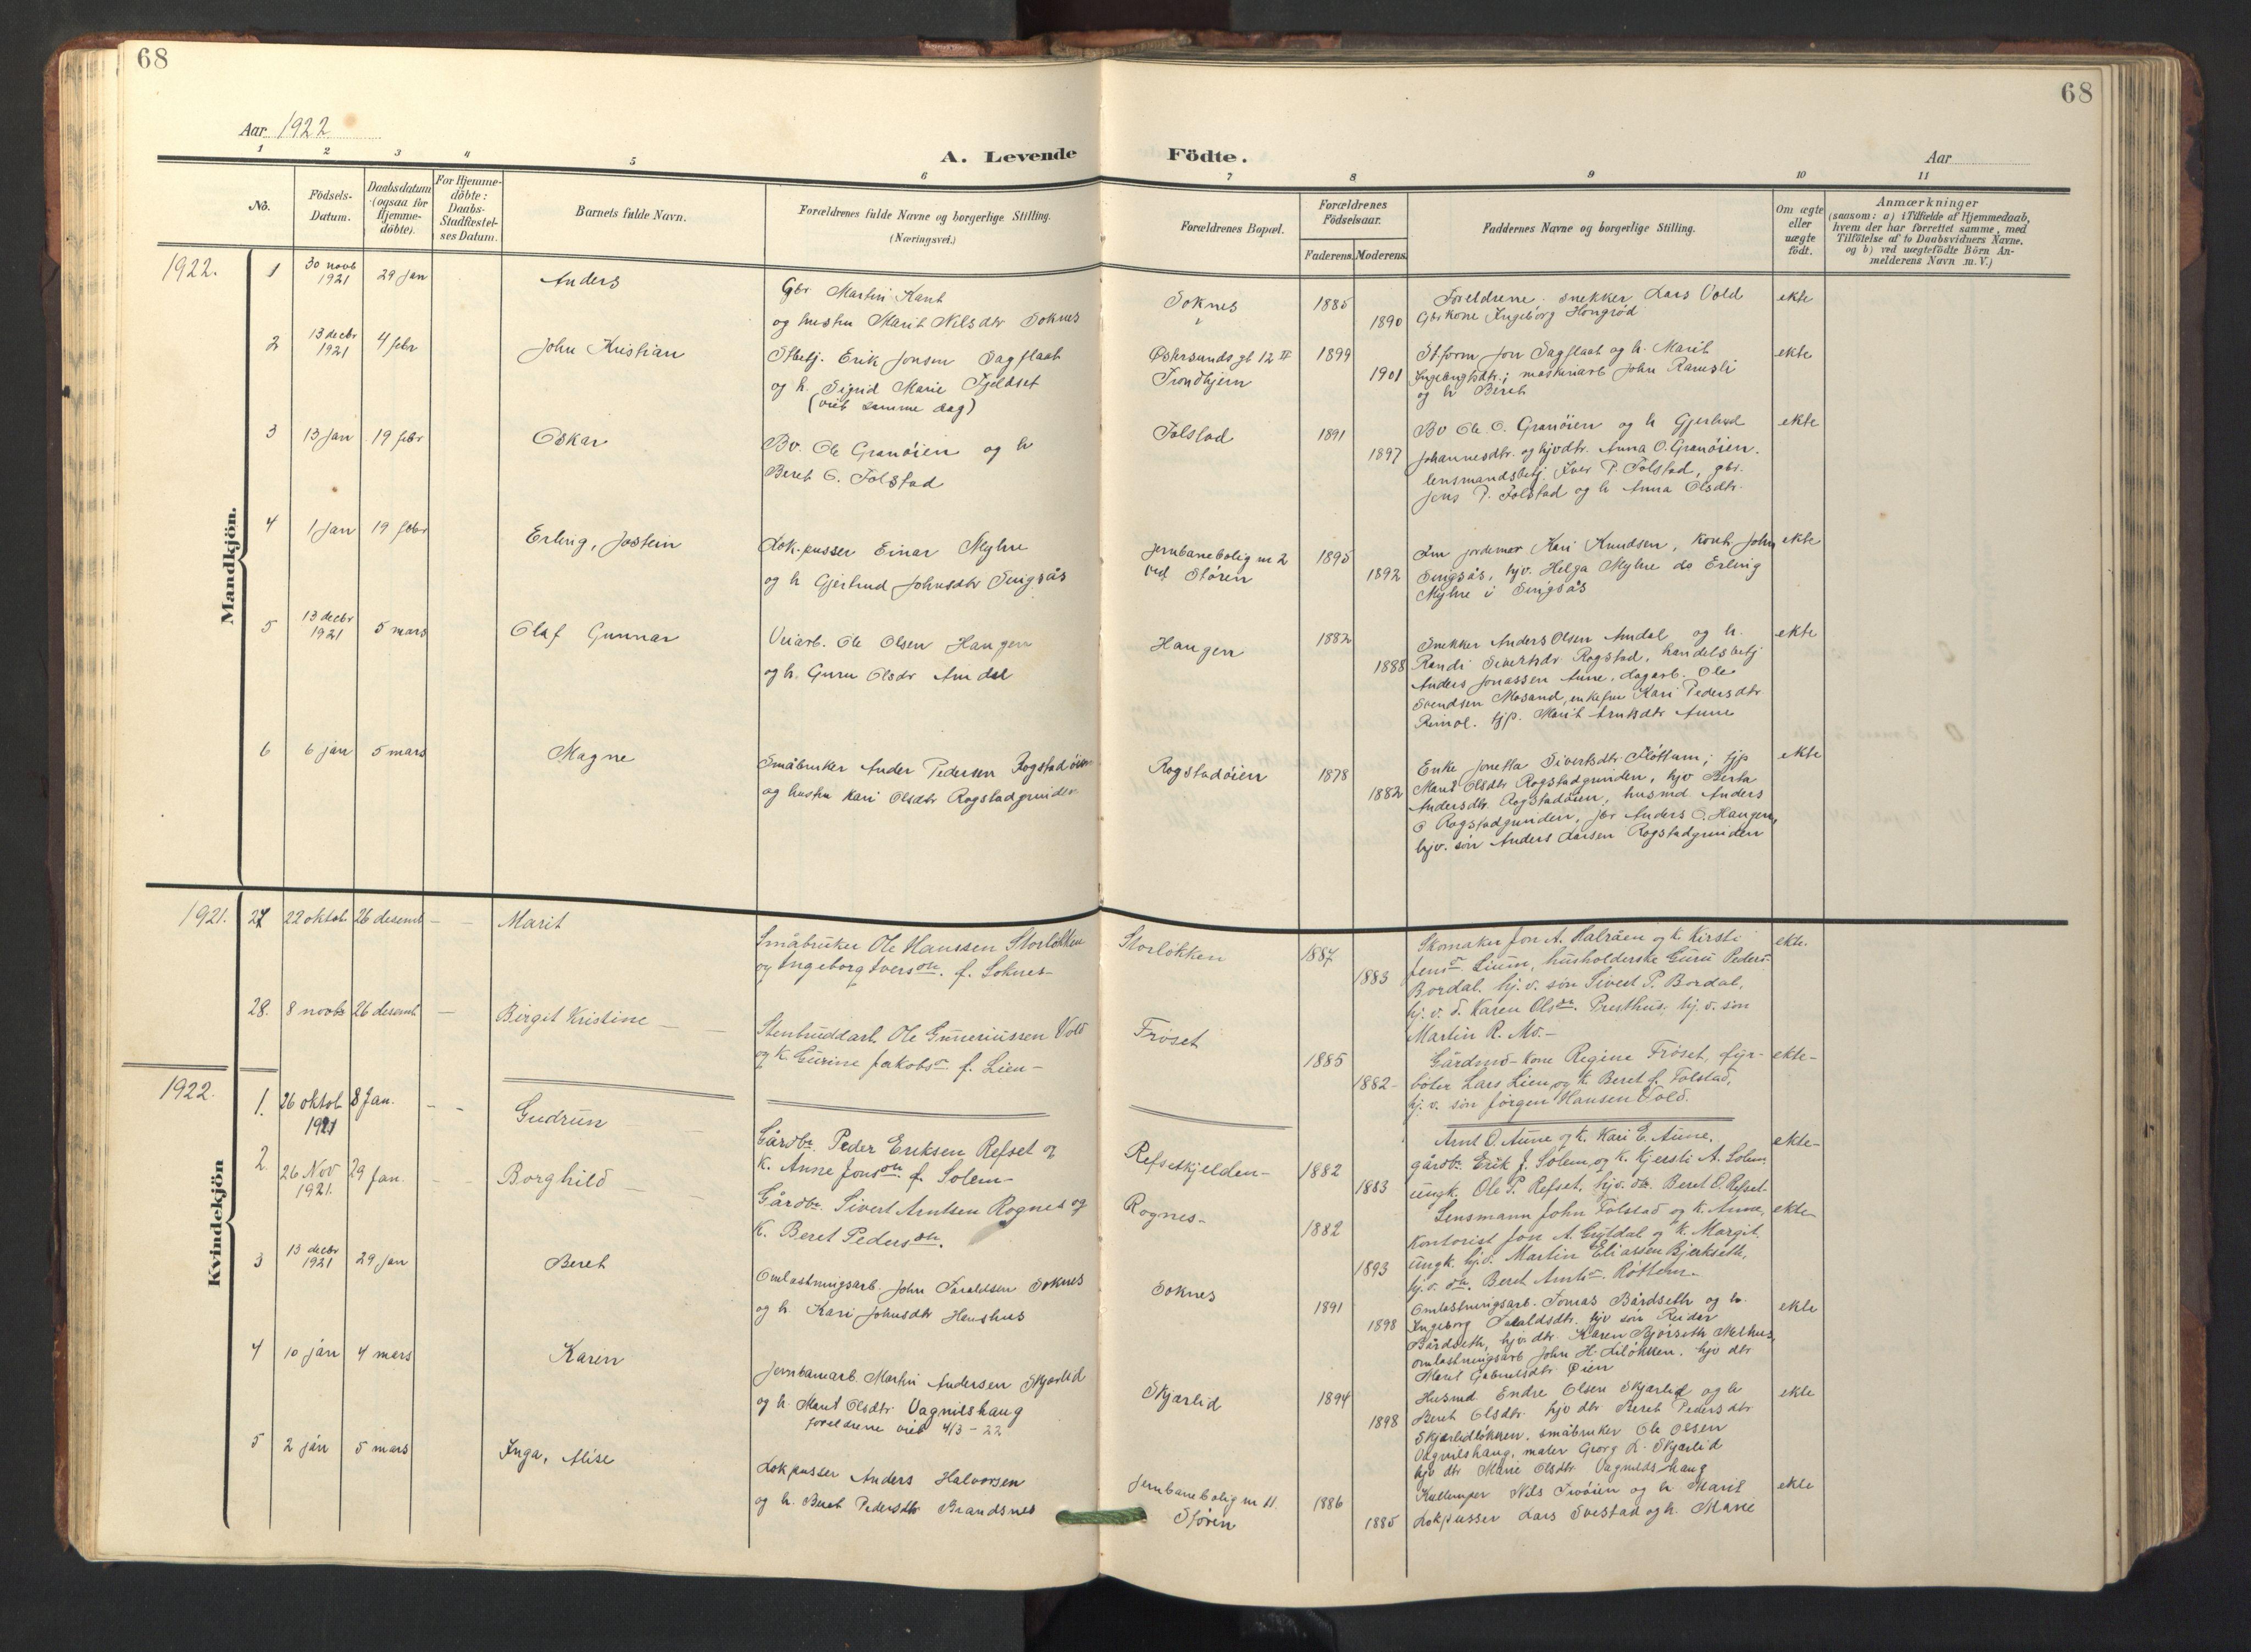 SAT, Ministerialprotokoller, klokkerbøker og fødselsregistre - Sør-Trøndelag, 687/L1019: Klokkerbok nr. 687C03, 1904-1931, s. 68